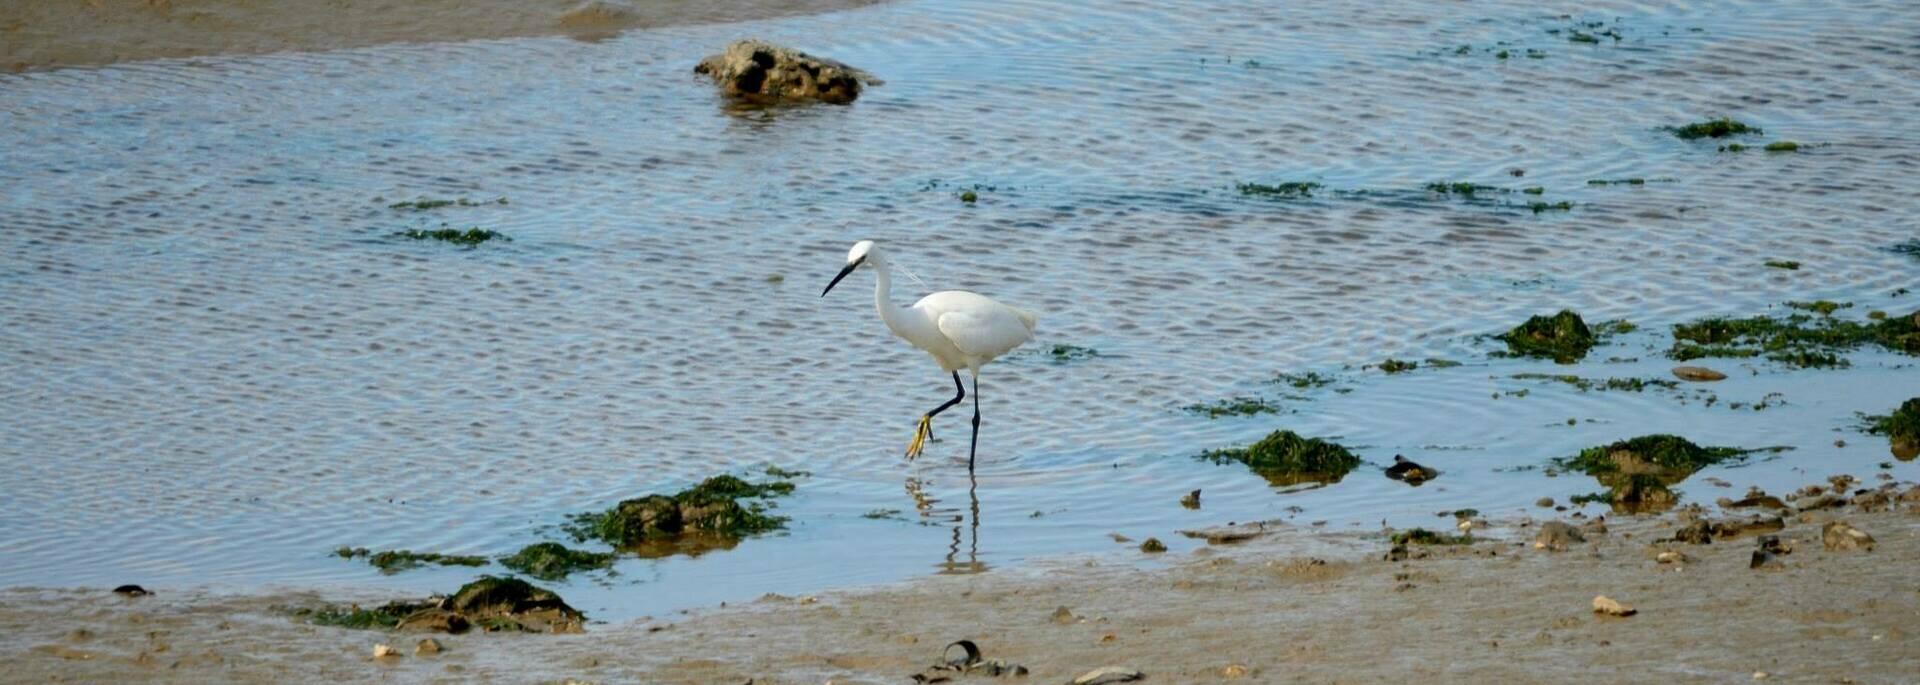 Aigrette garzette sur le bord du littoral - © Dfred Photographie